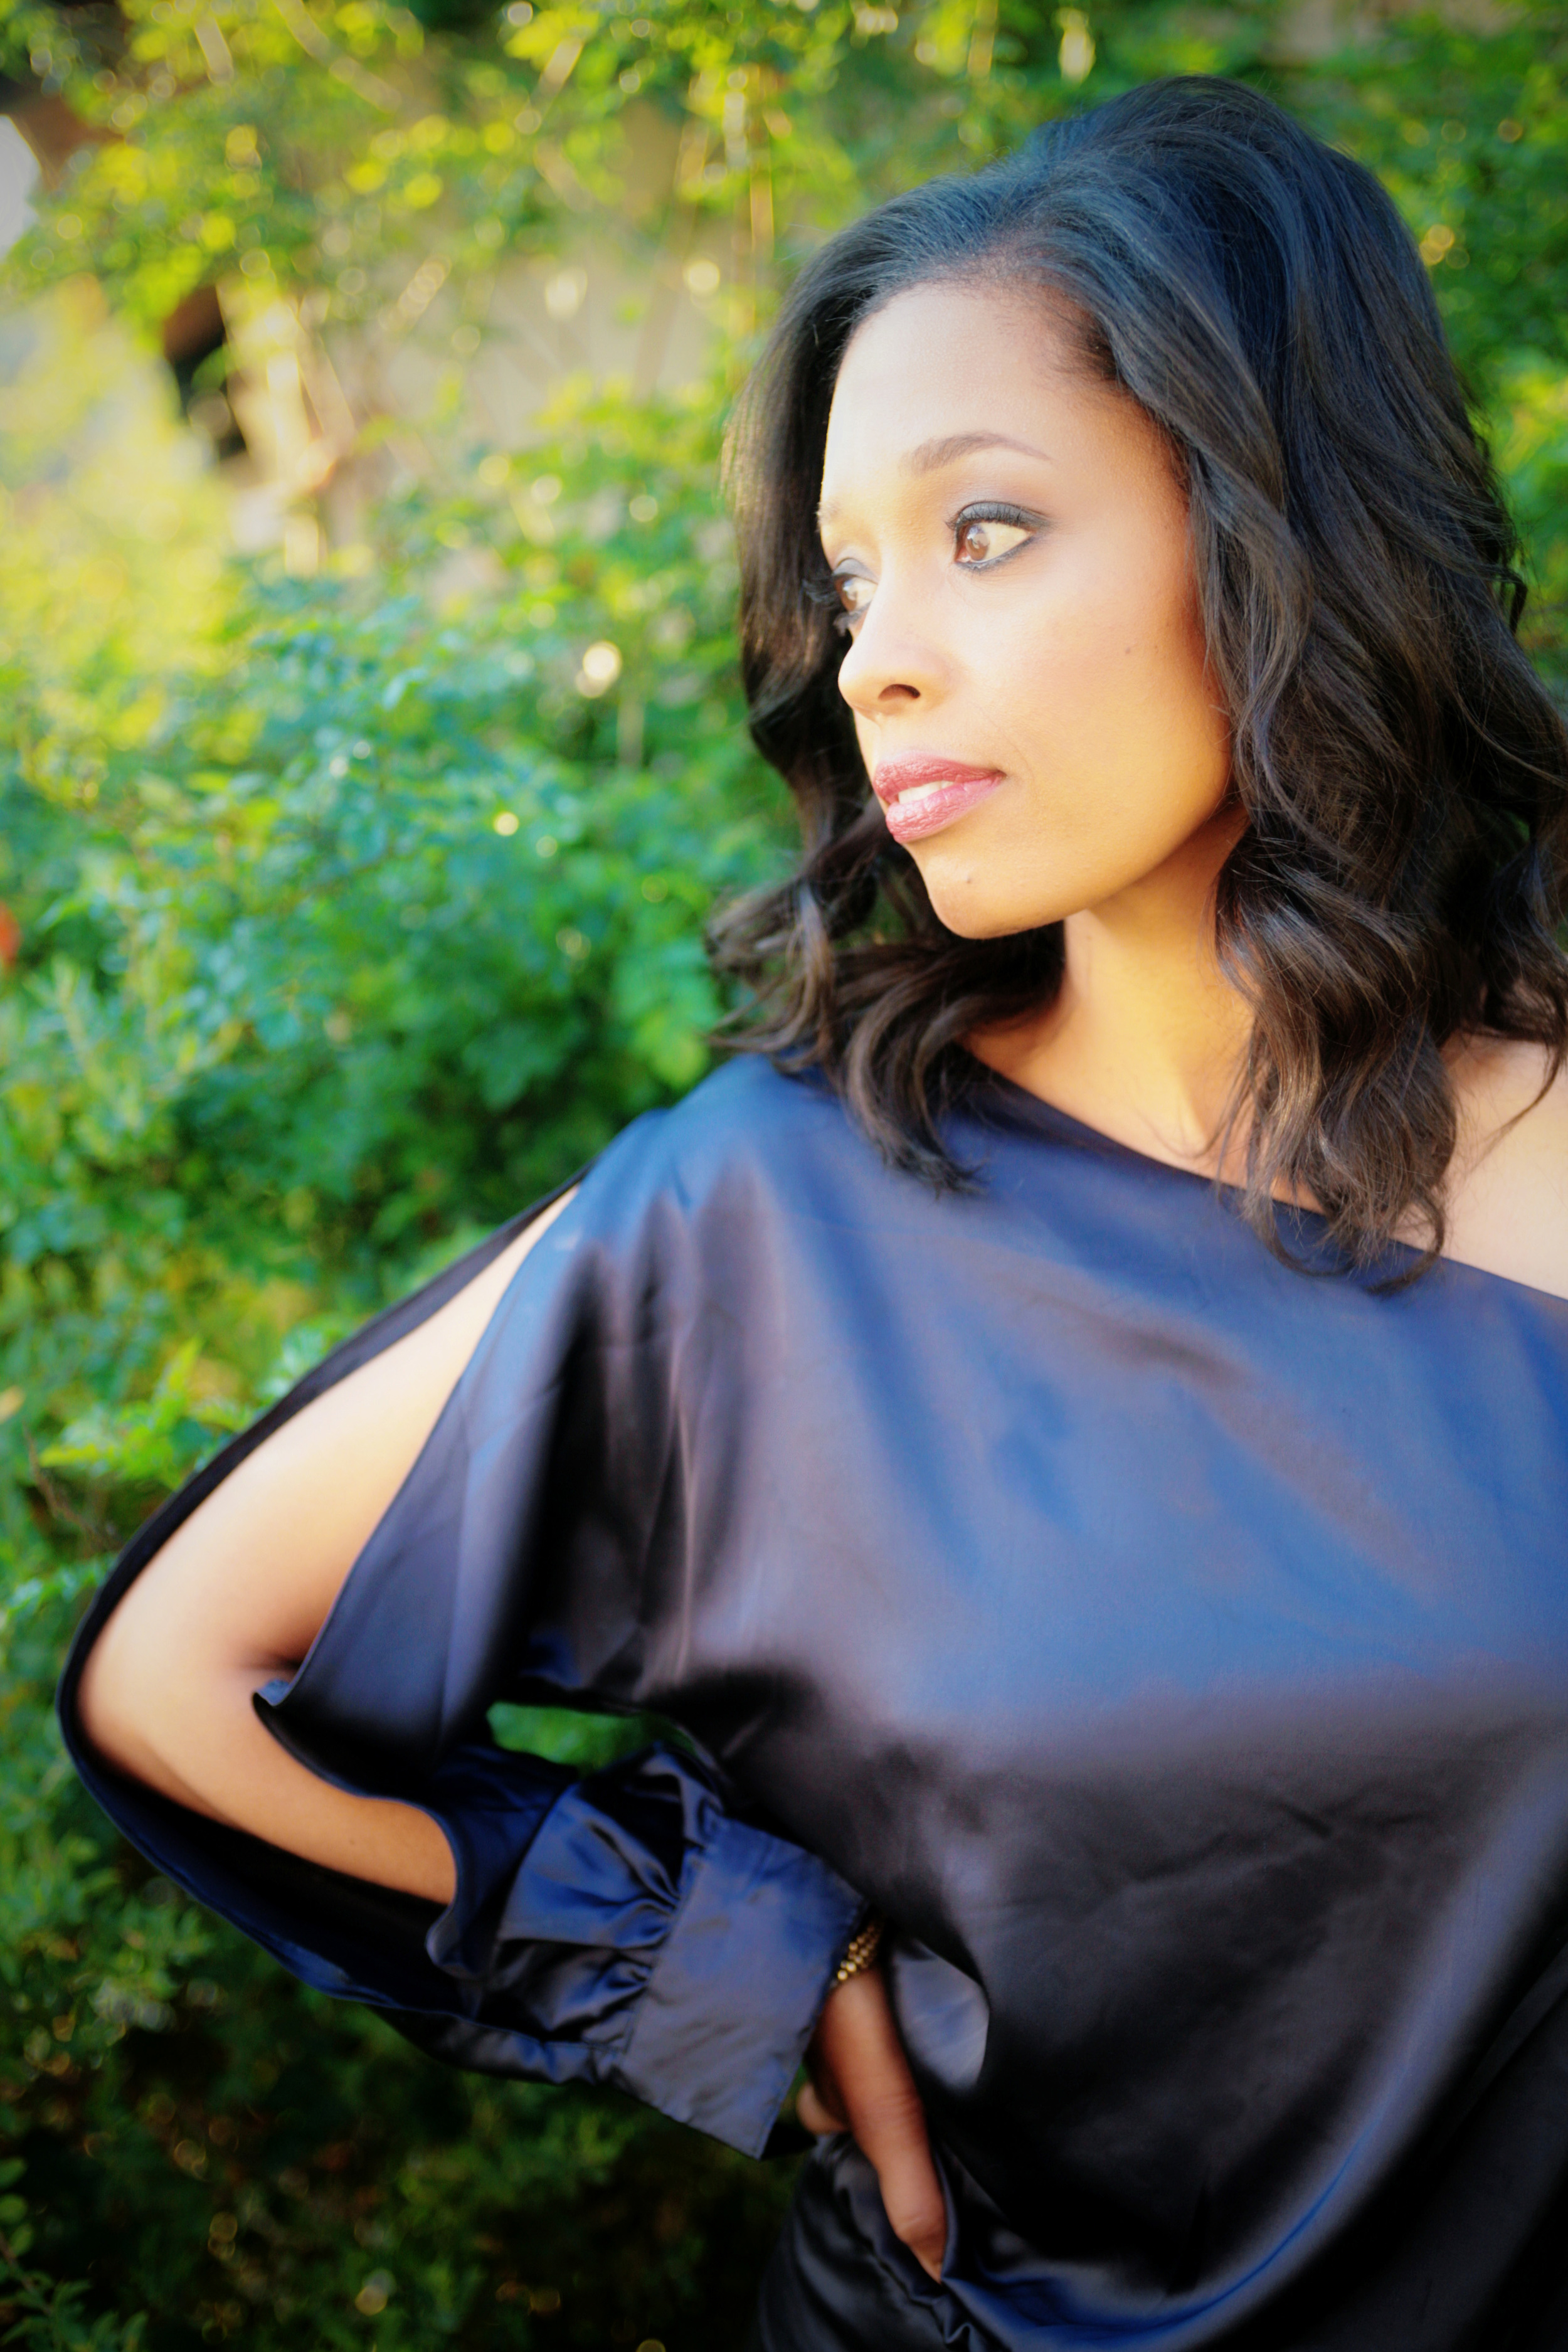 Tembi Locke - Kelly Capoccia (Hair)